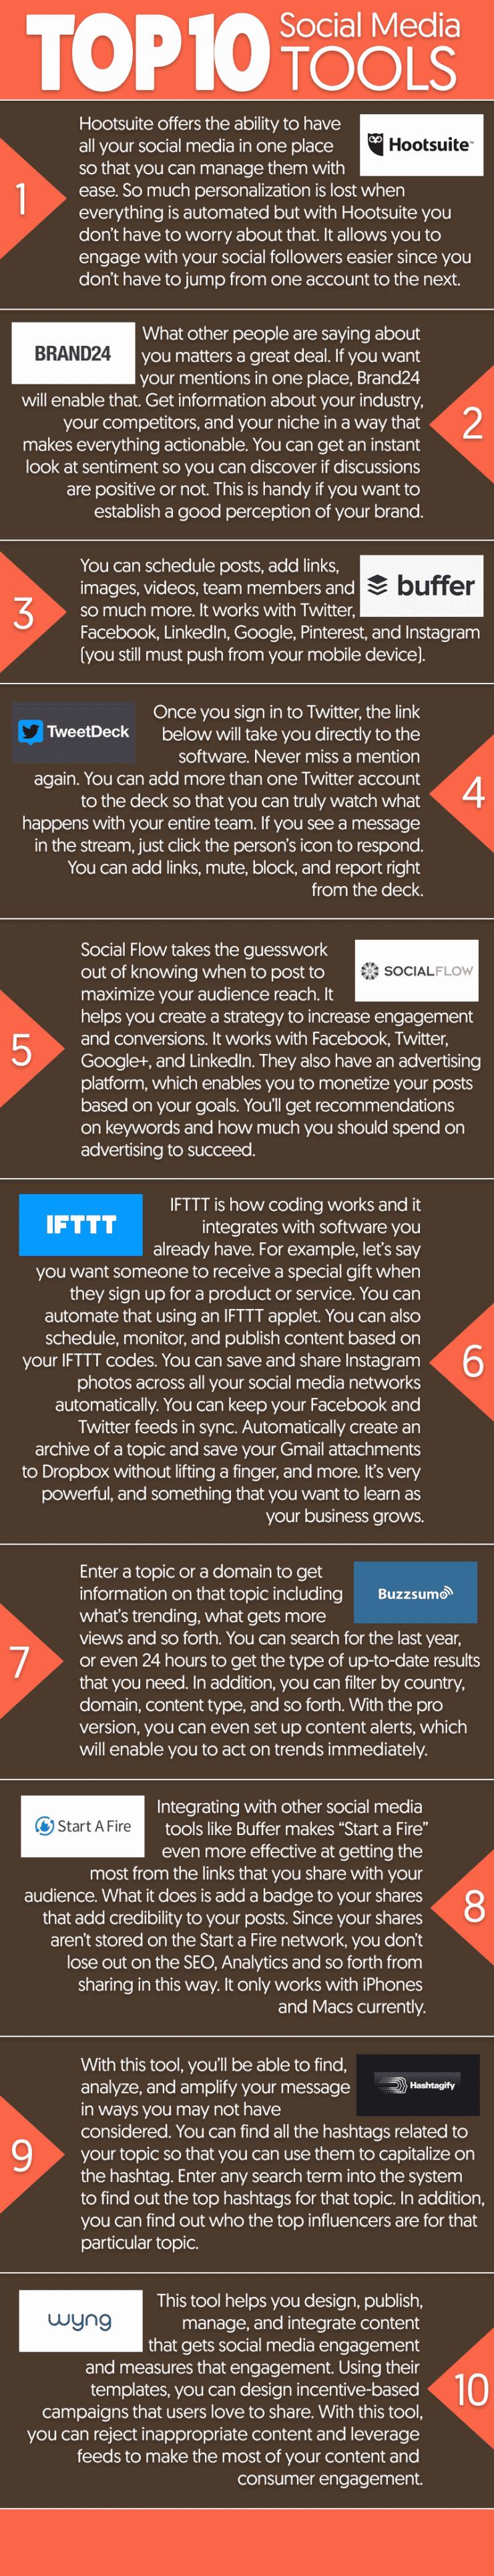 Top 10 Social Media Tools - Infographic 1